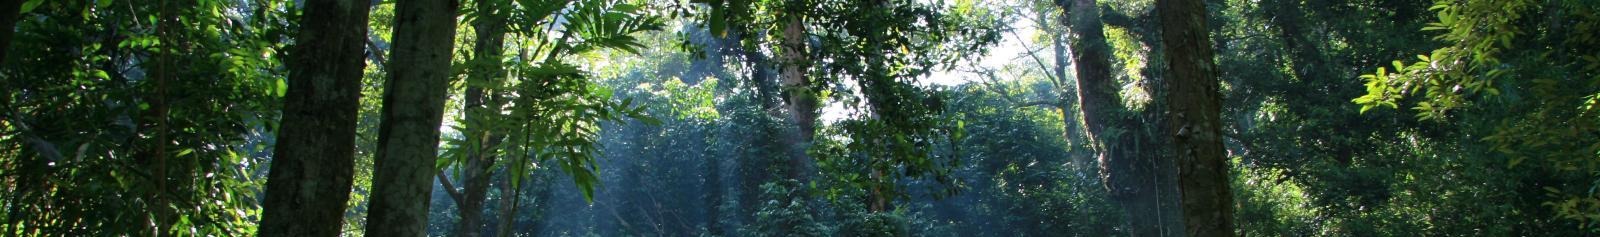 Gunung Palung National Park banner.jpg